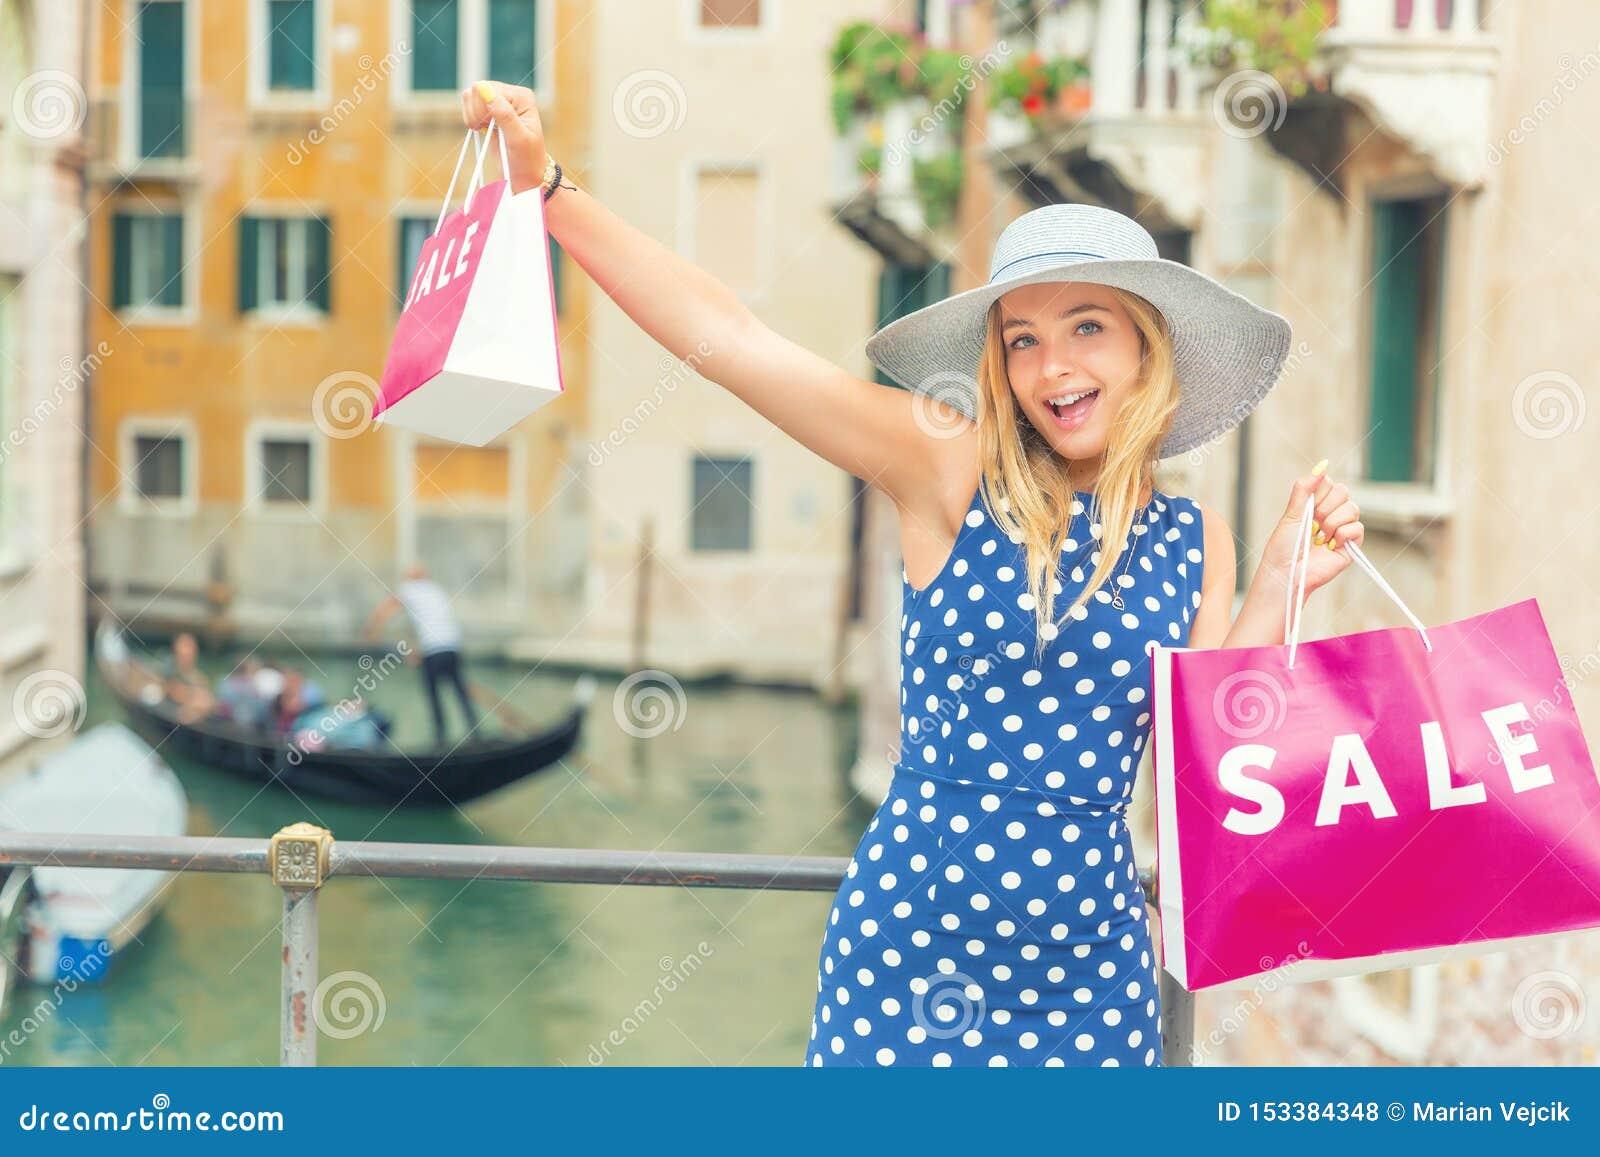 Νέα όμορφη ξανθή γυναίκα στο κέντρο της Βενετίας με τις τσάντες αγορών και την ευχαρίστηση της αγοράς Μόδας gir Ιταλία που διαστί